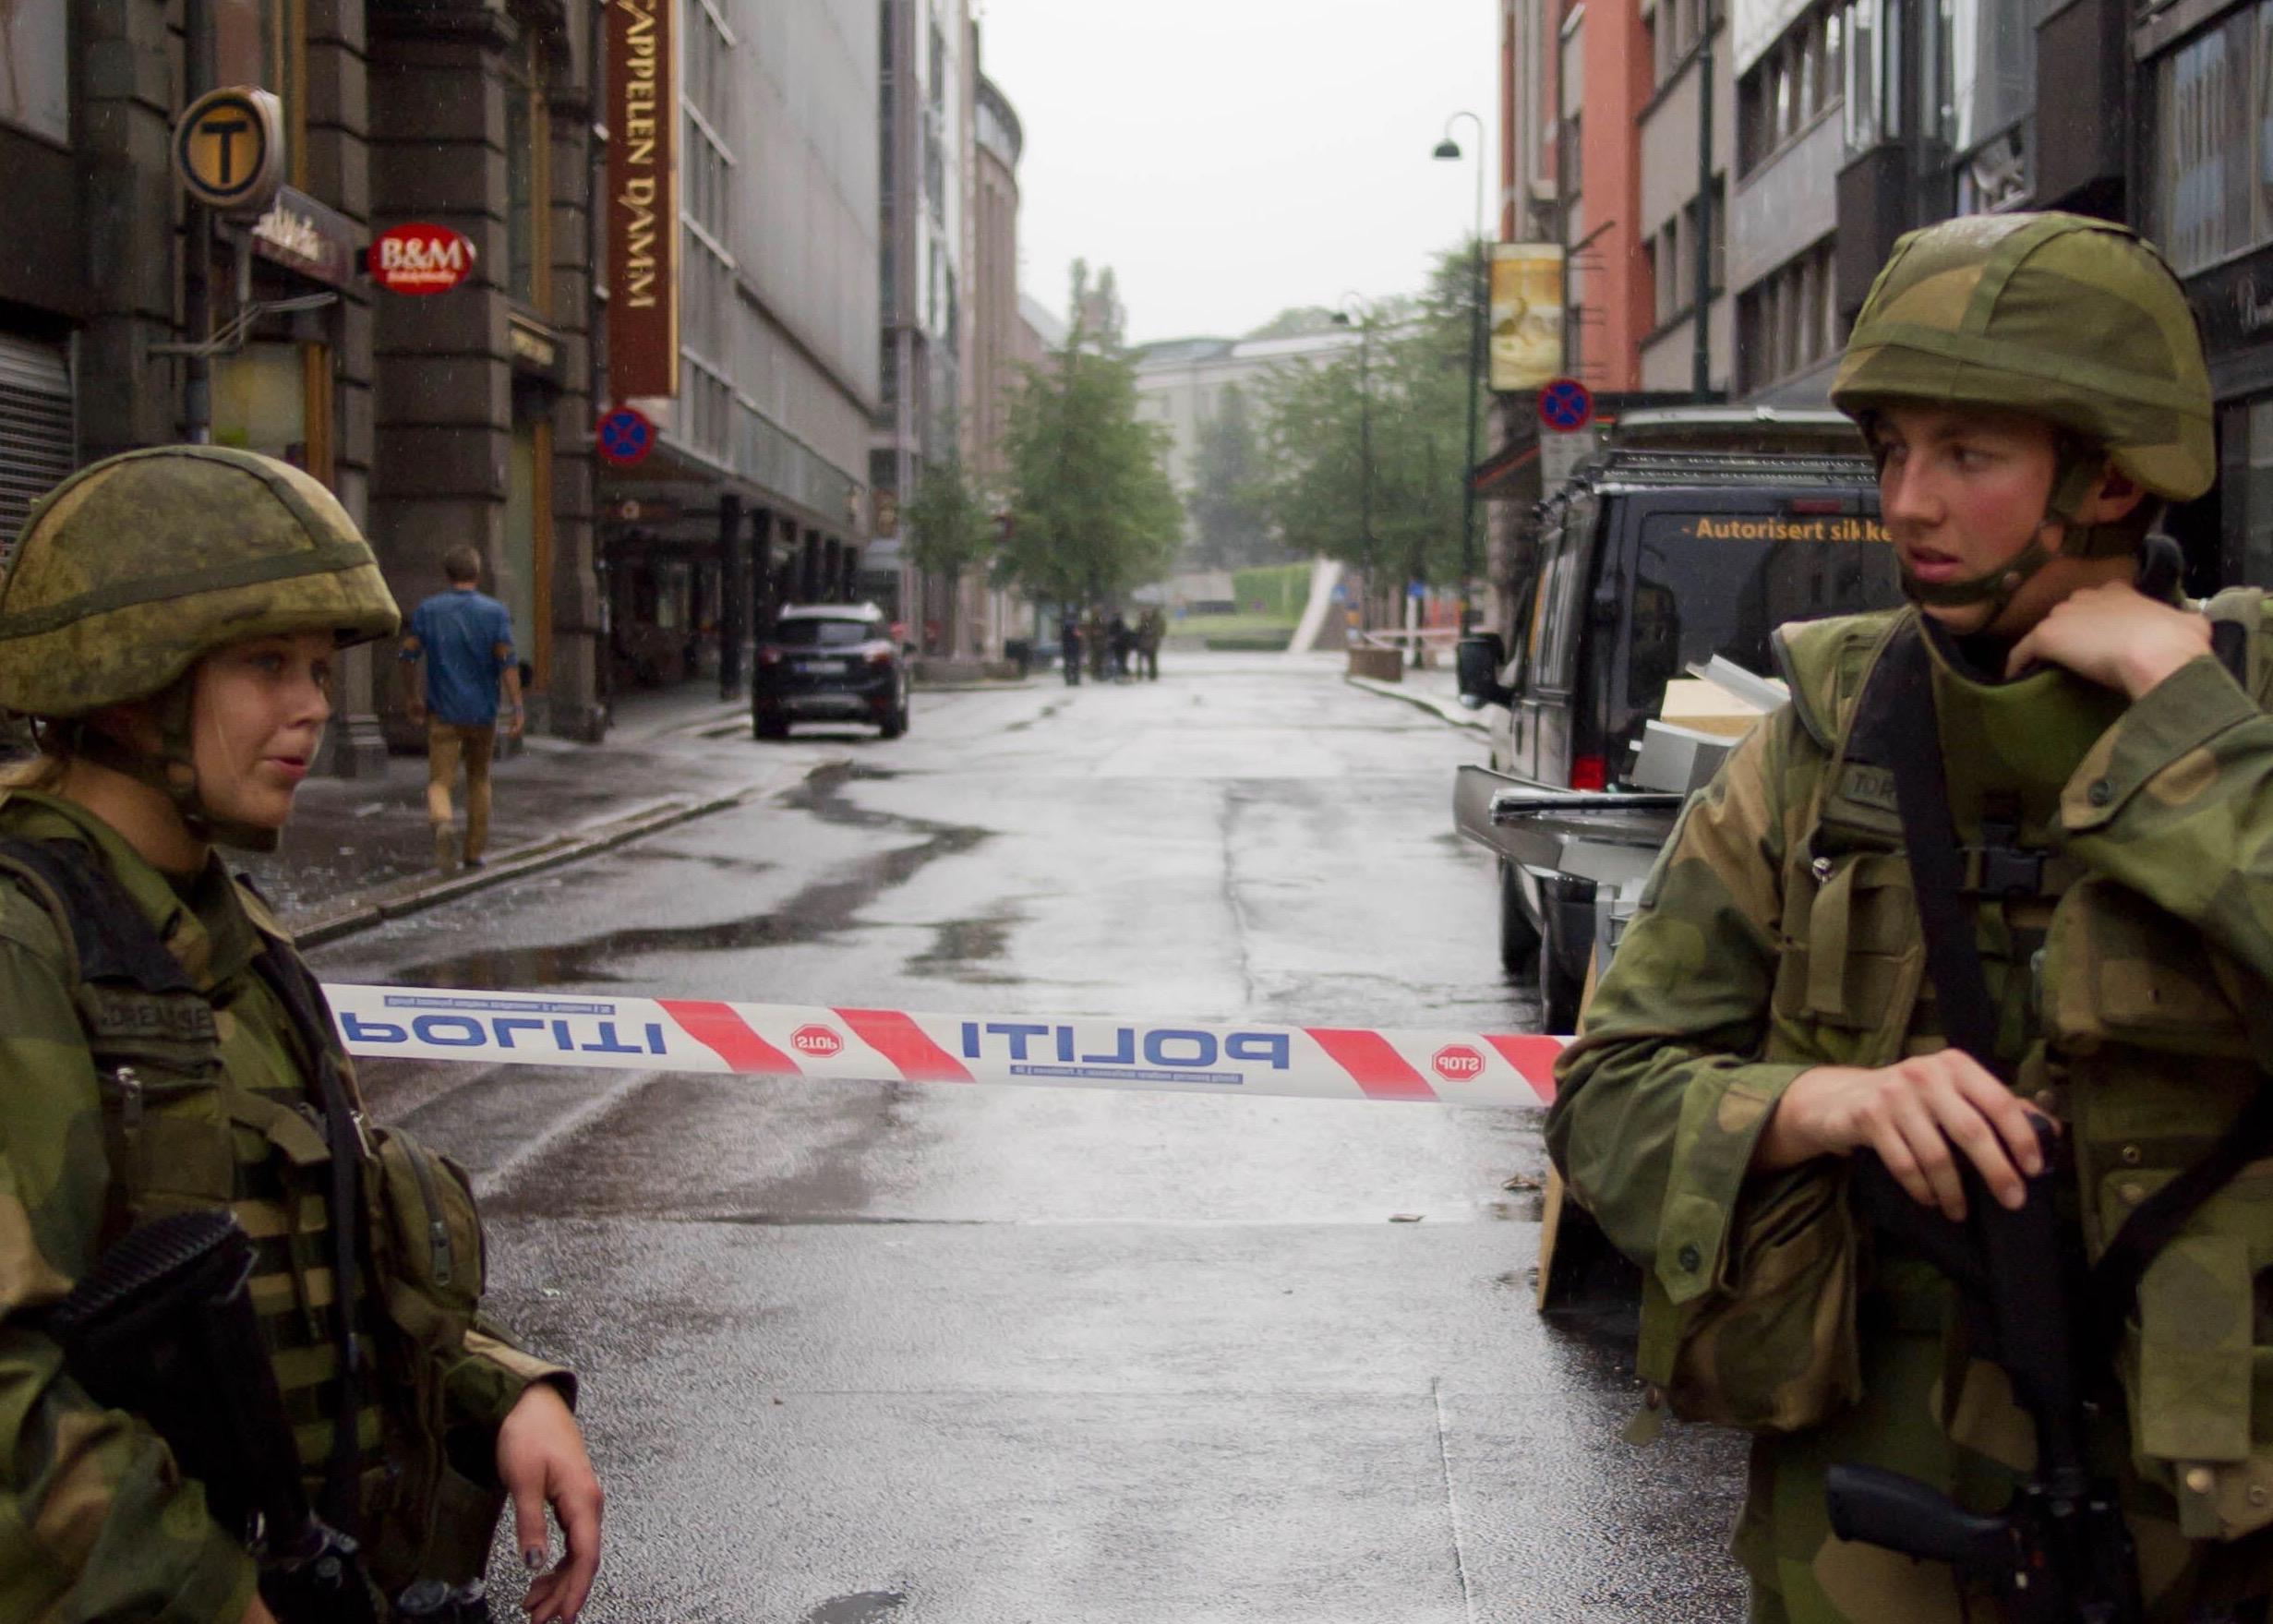 Dagen etter den 22. juli. Militærpersonell sikrer Oslo. Foto: Johannes Grødem